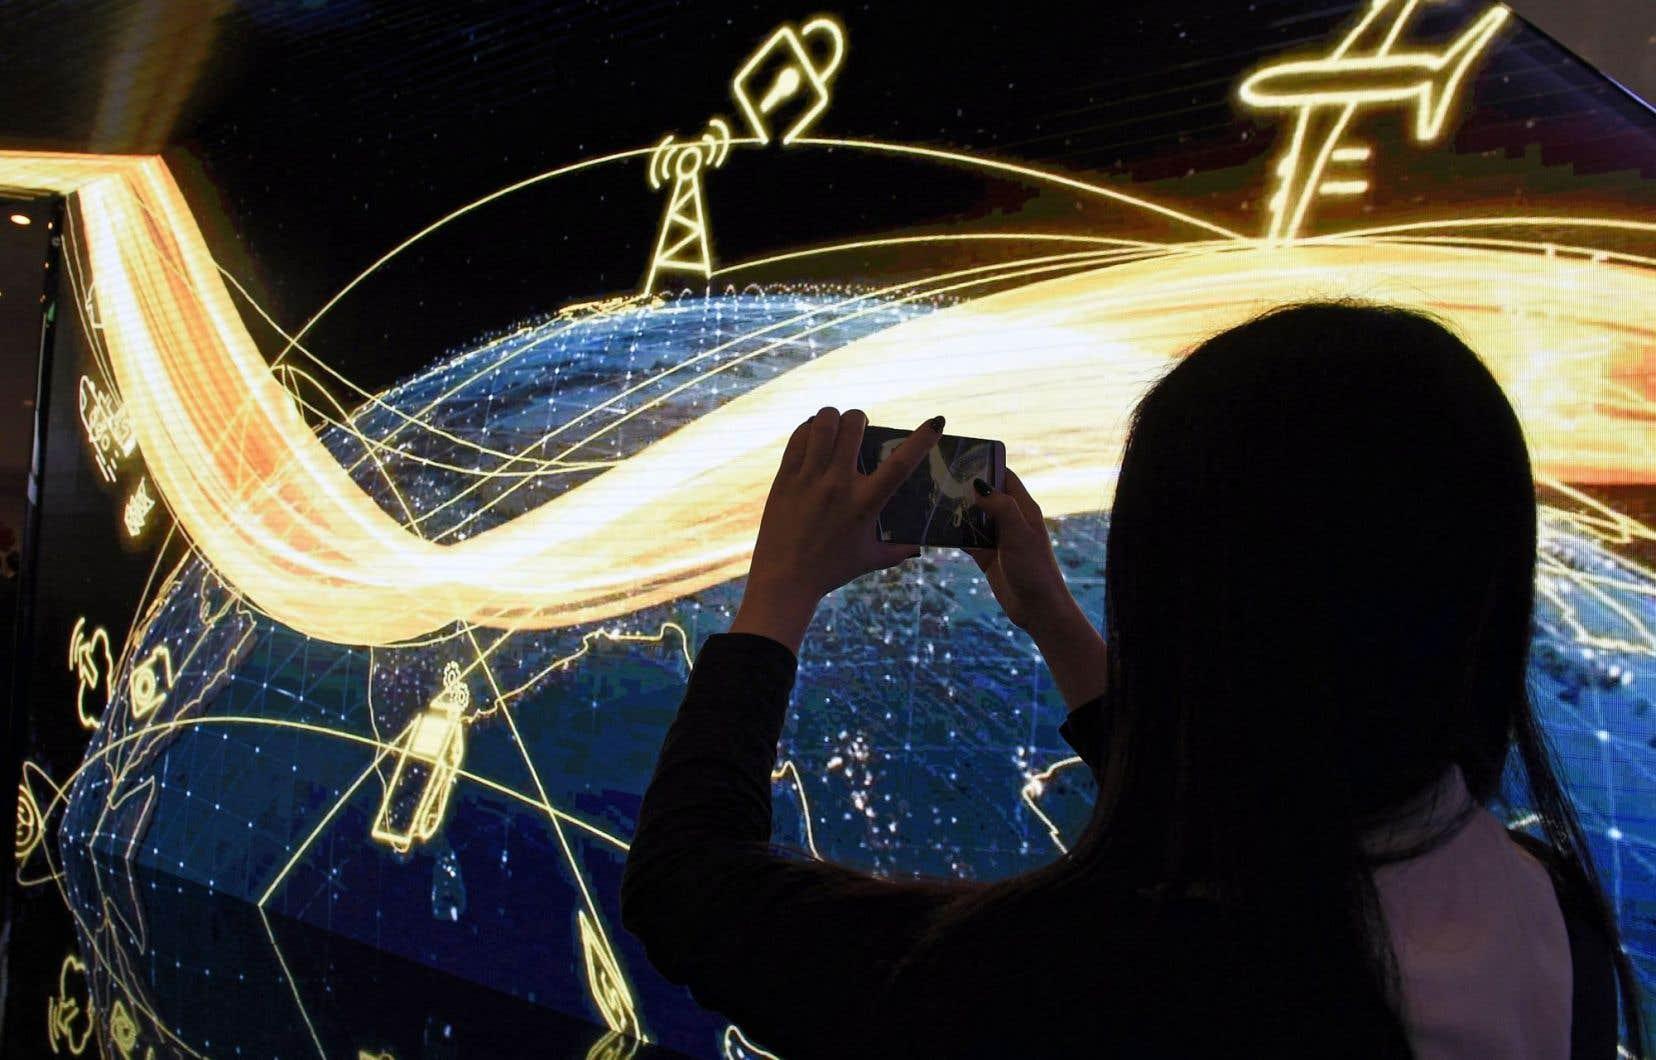 Un visiteur prend une photo à l'aide de son téléphone à l'ouverture du Congrès mondial de la téléphonie mobile qui se déroule à Barcelone, en Espagne.